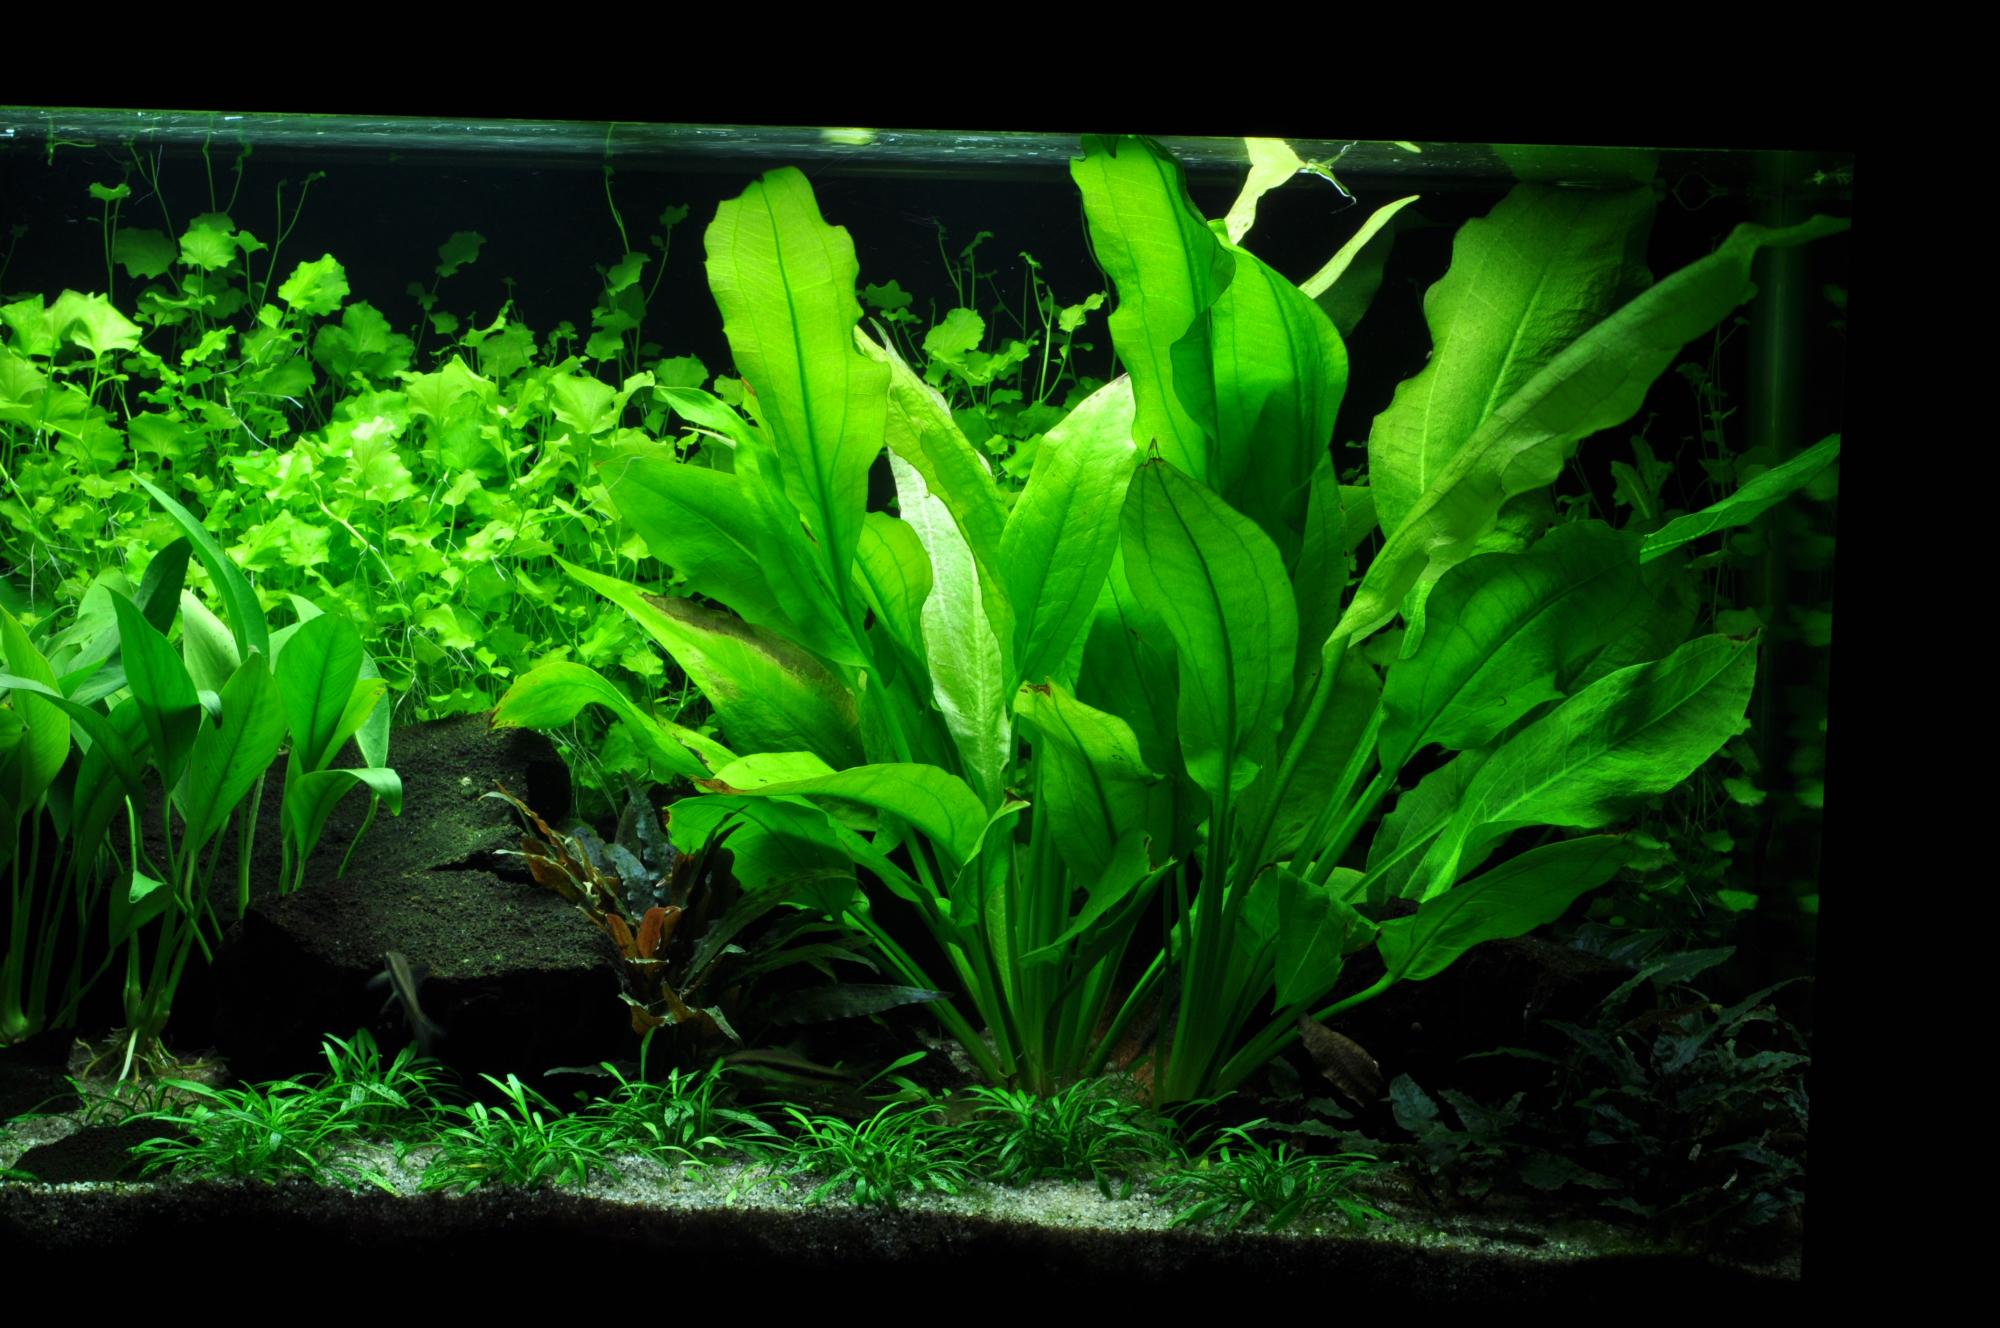 echinodorus-bleheri-grosse-amazonas-schwertpflanze.jpg